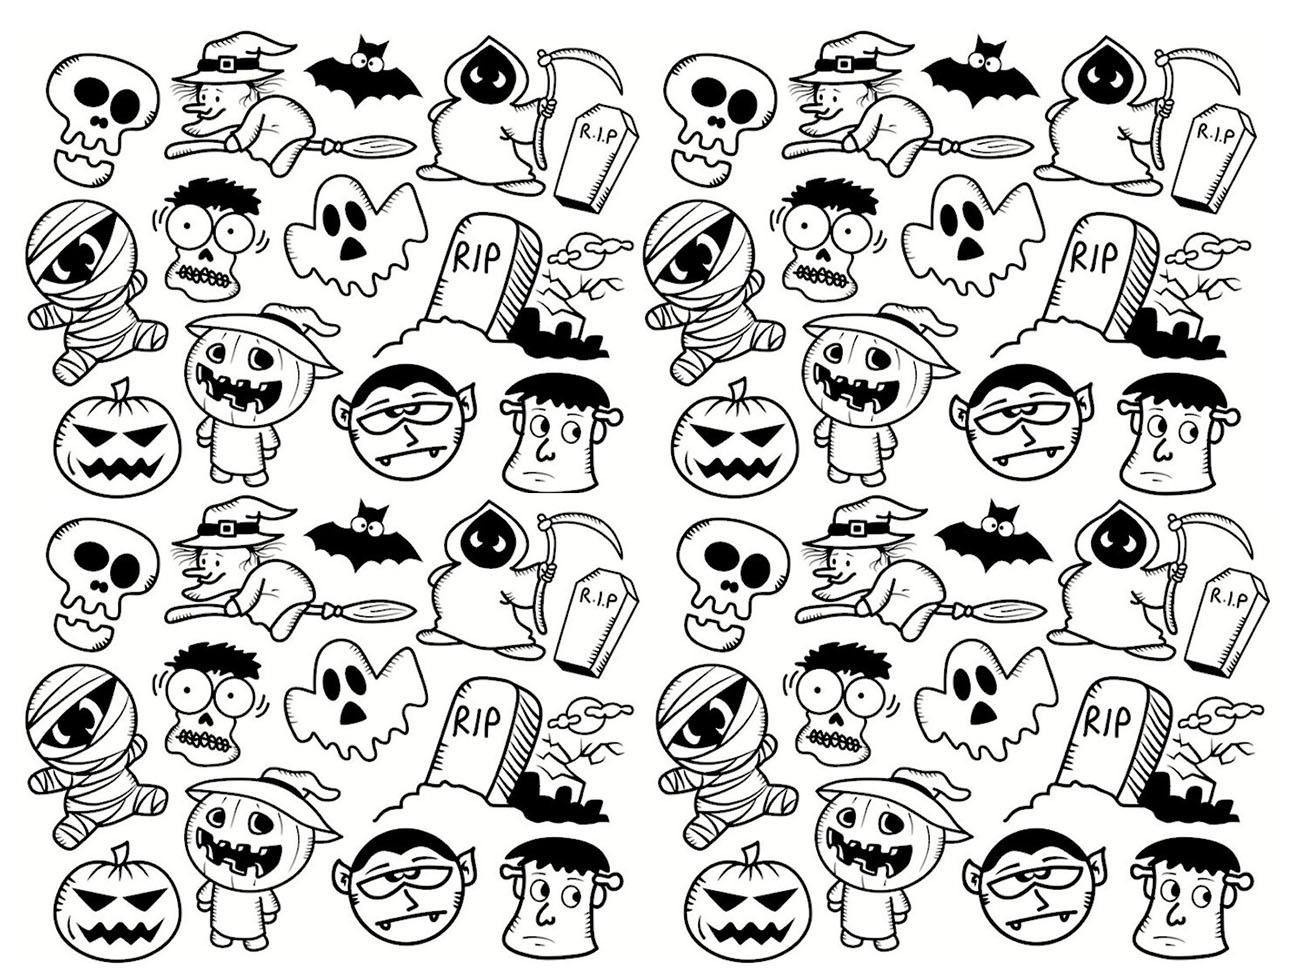 Disegni da colorare per adulti : Halloween - 10